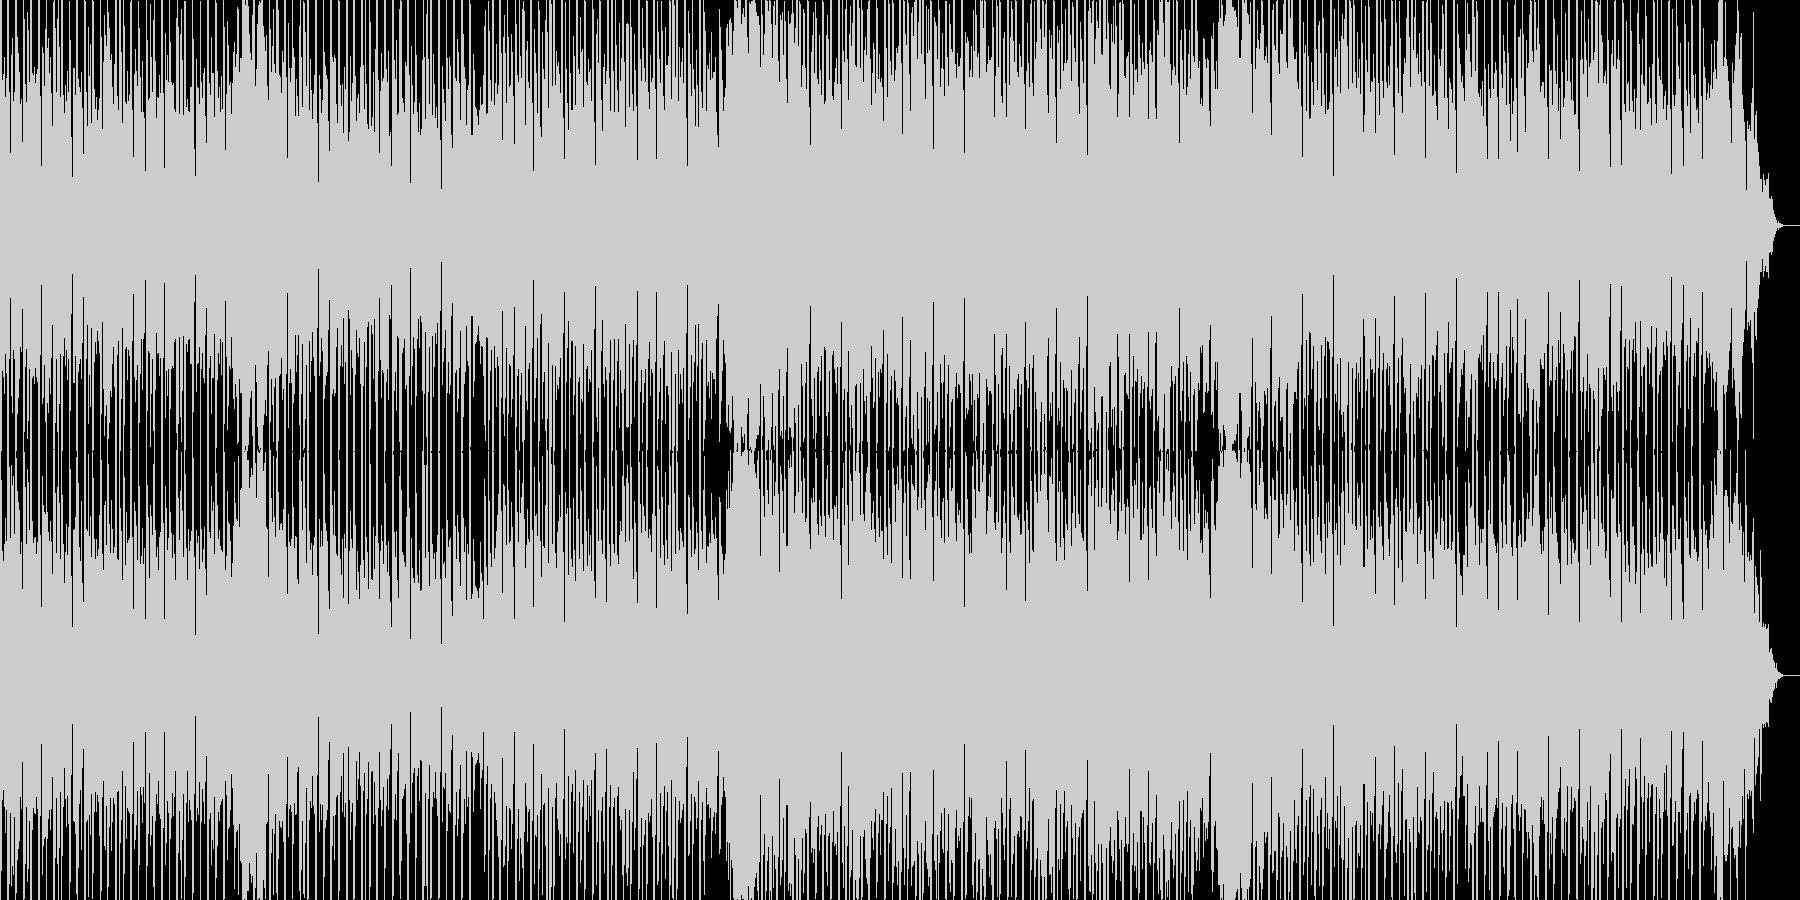 明るくリズミカルなテクノポップサウンドの未再生の波形